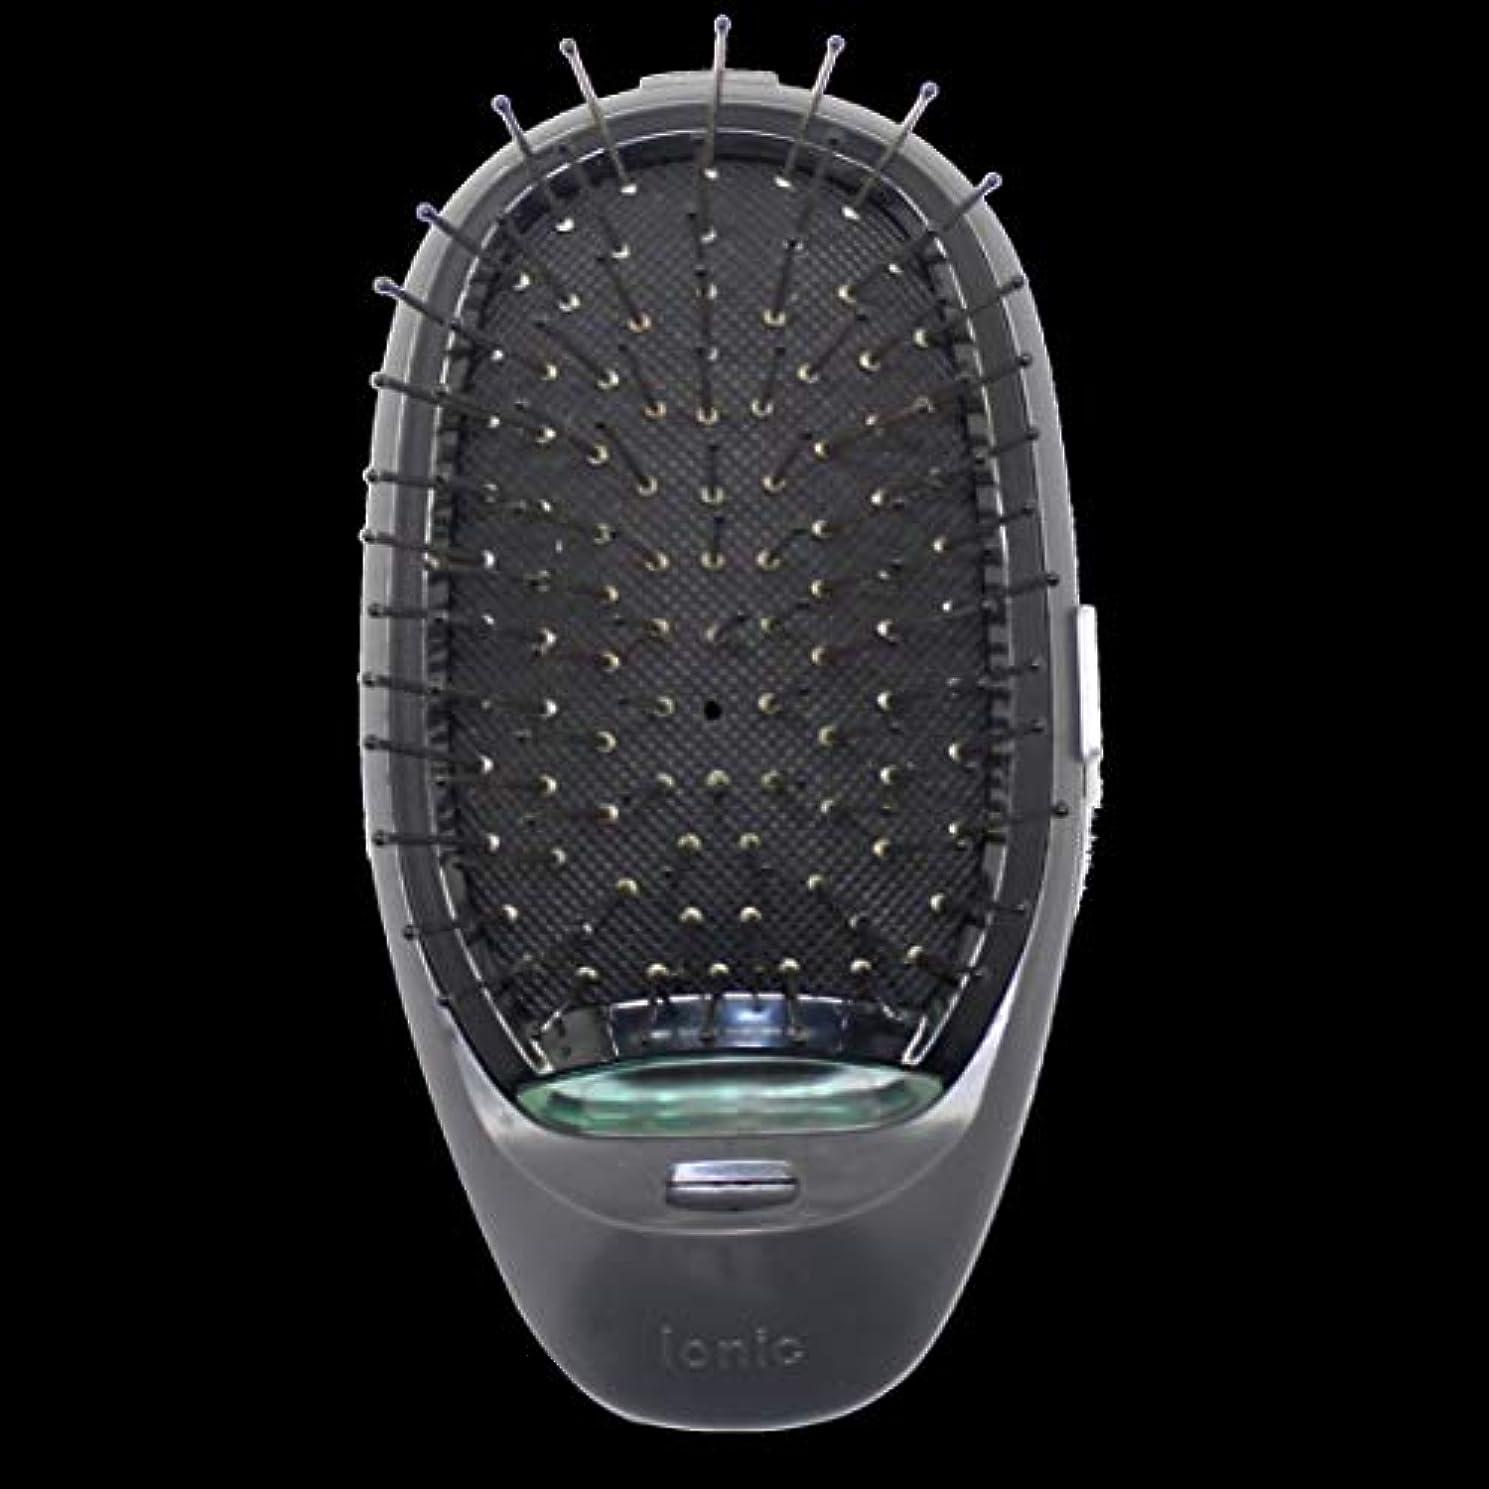 ケント起業家スリラー電動マッサージヘアブラシミニマイナスイオンヘアコム3Dインフレータブルコーム帯電防止ガールズヘアブラシ電池式 - ブラック